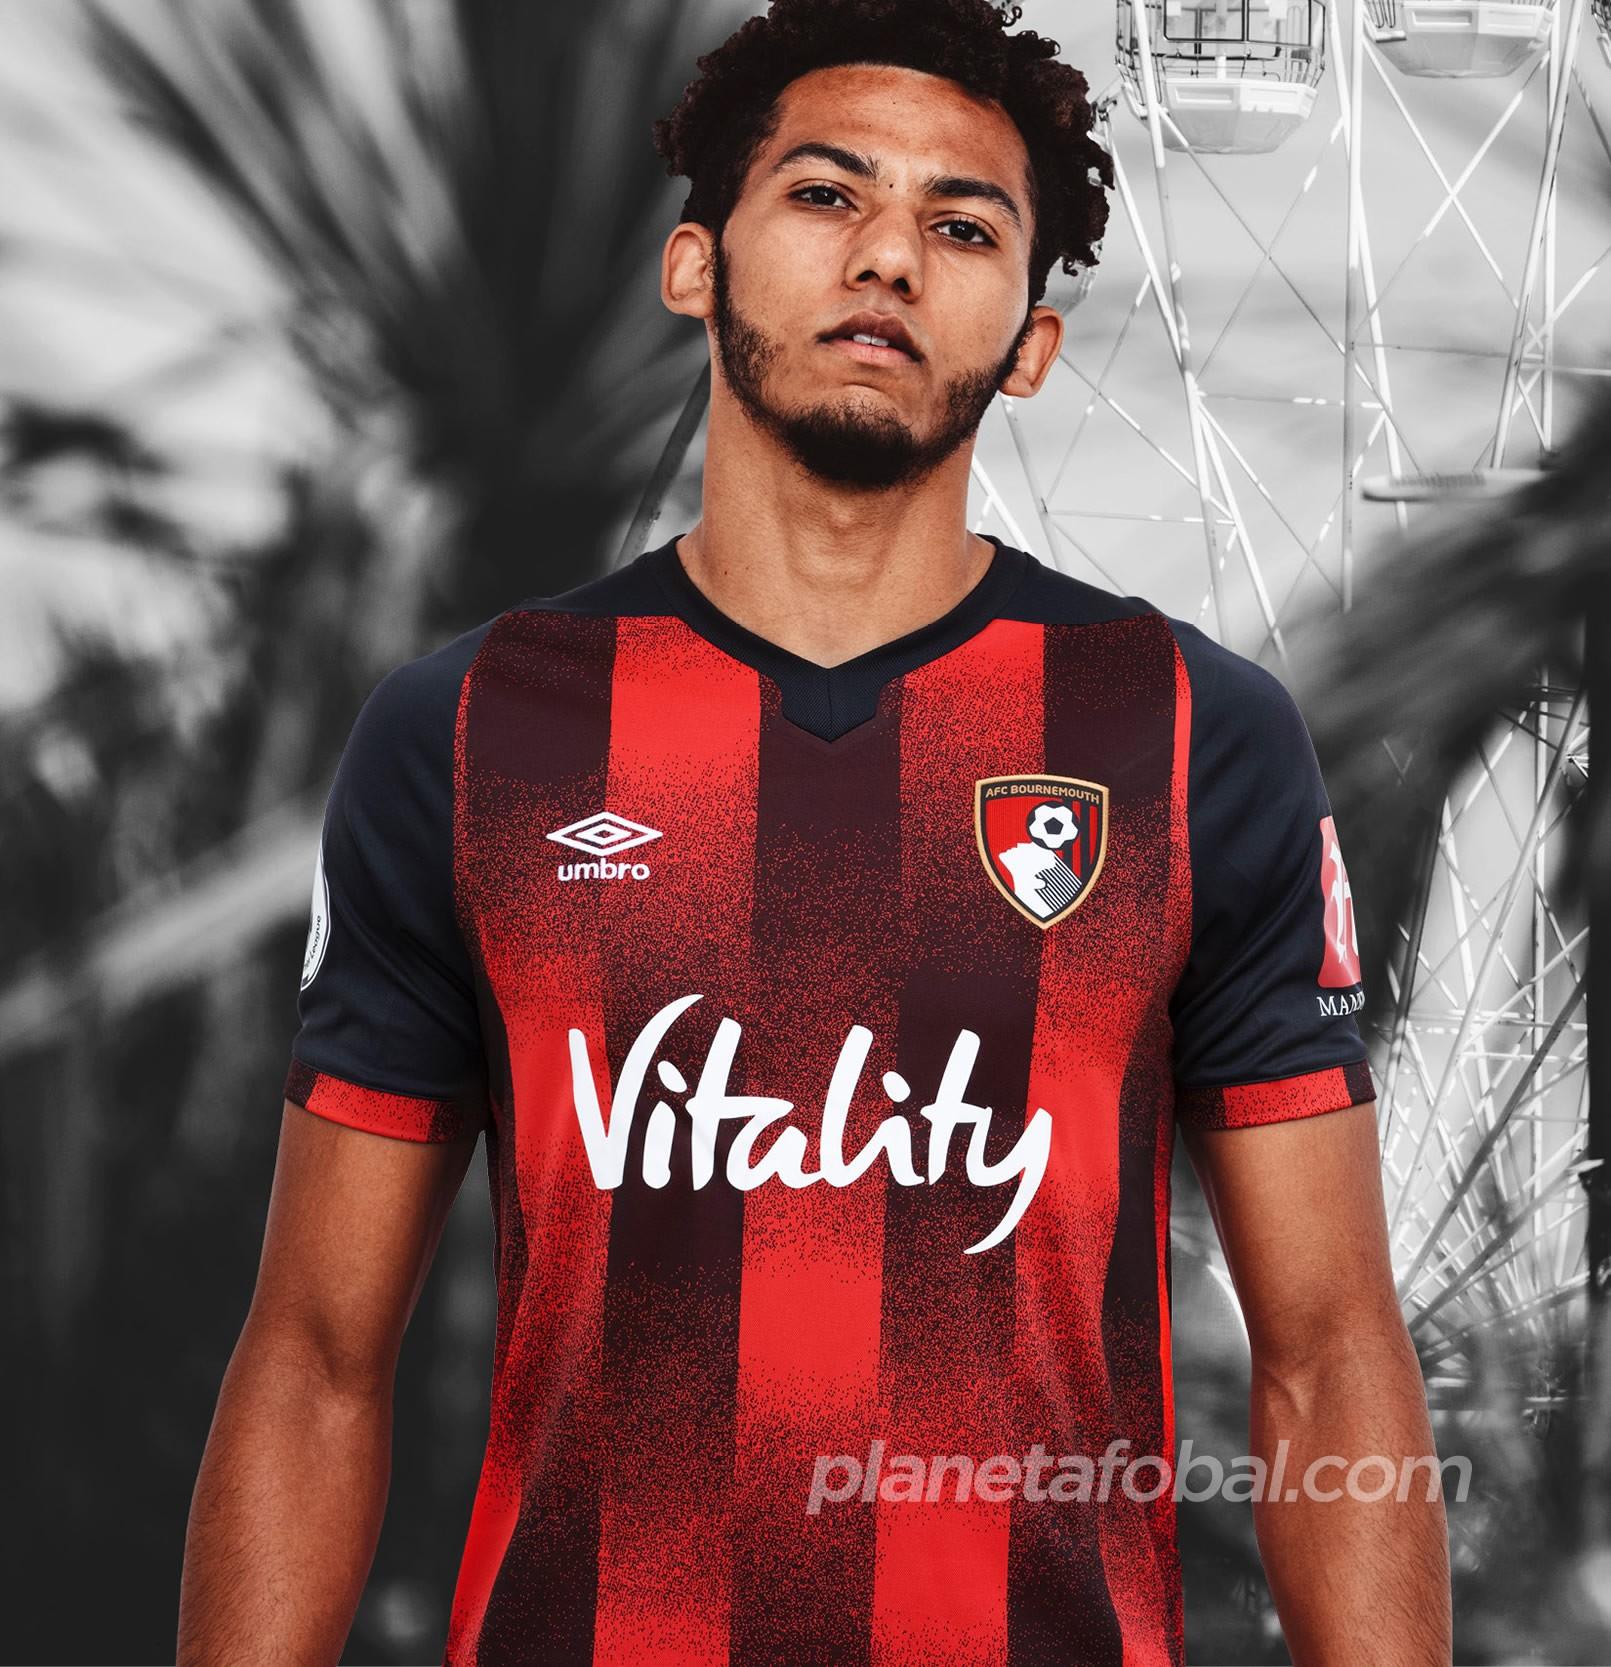 Camiseta Umbro del AFC Bournemouth 2020/21